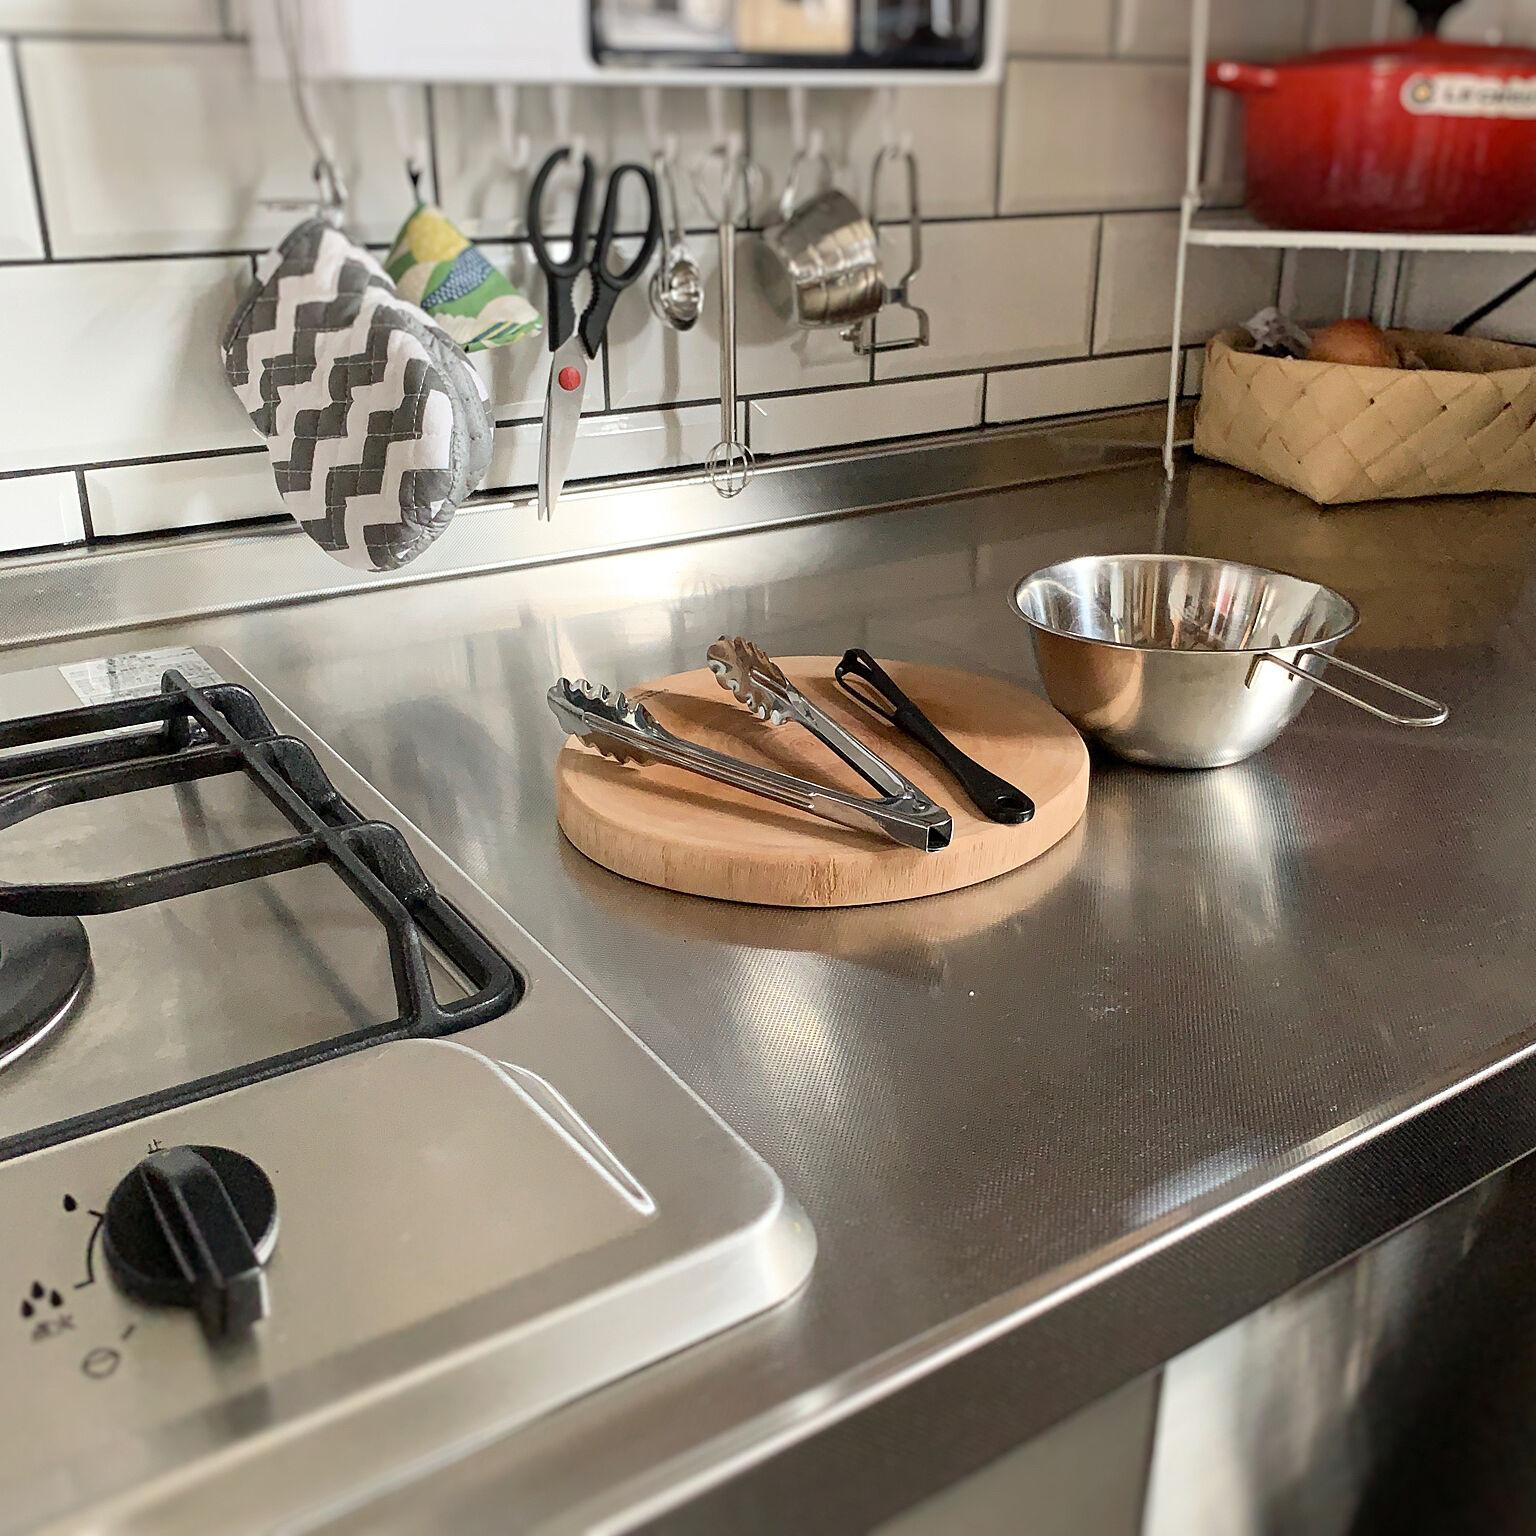 デザイン性も使い勝手もバツグン!100均のキッチンツール